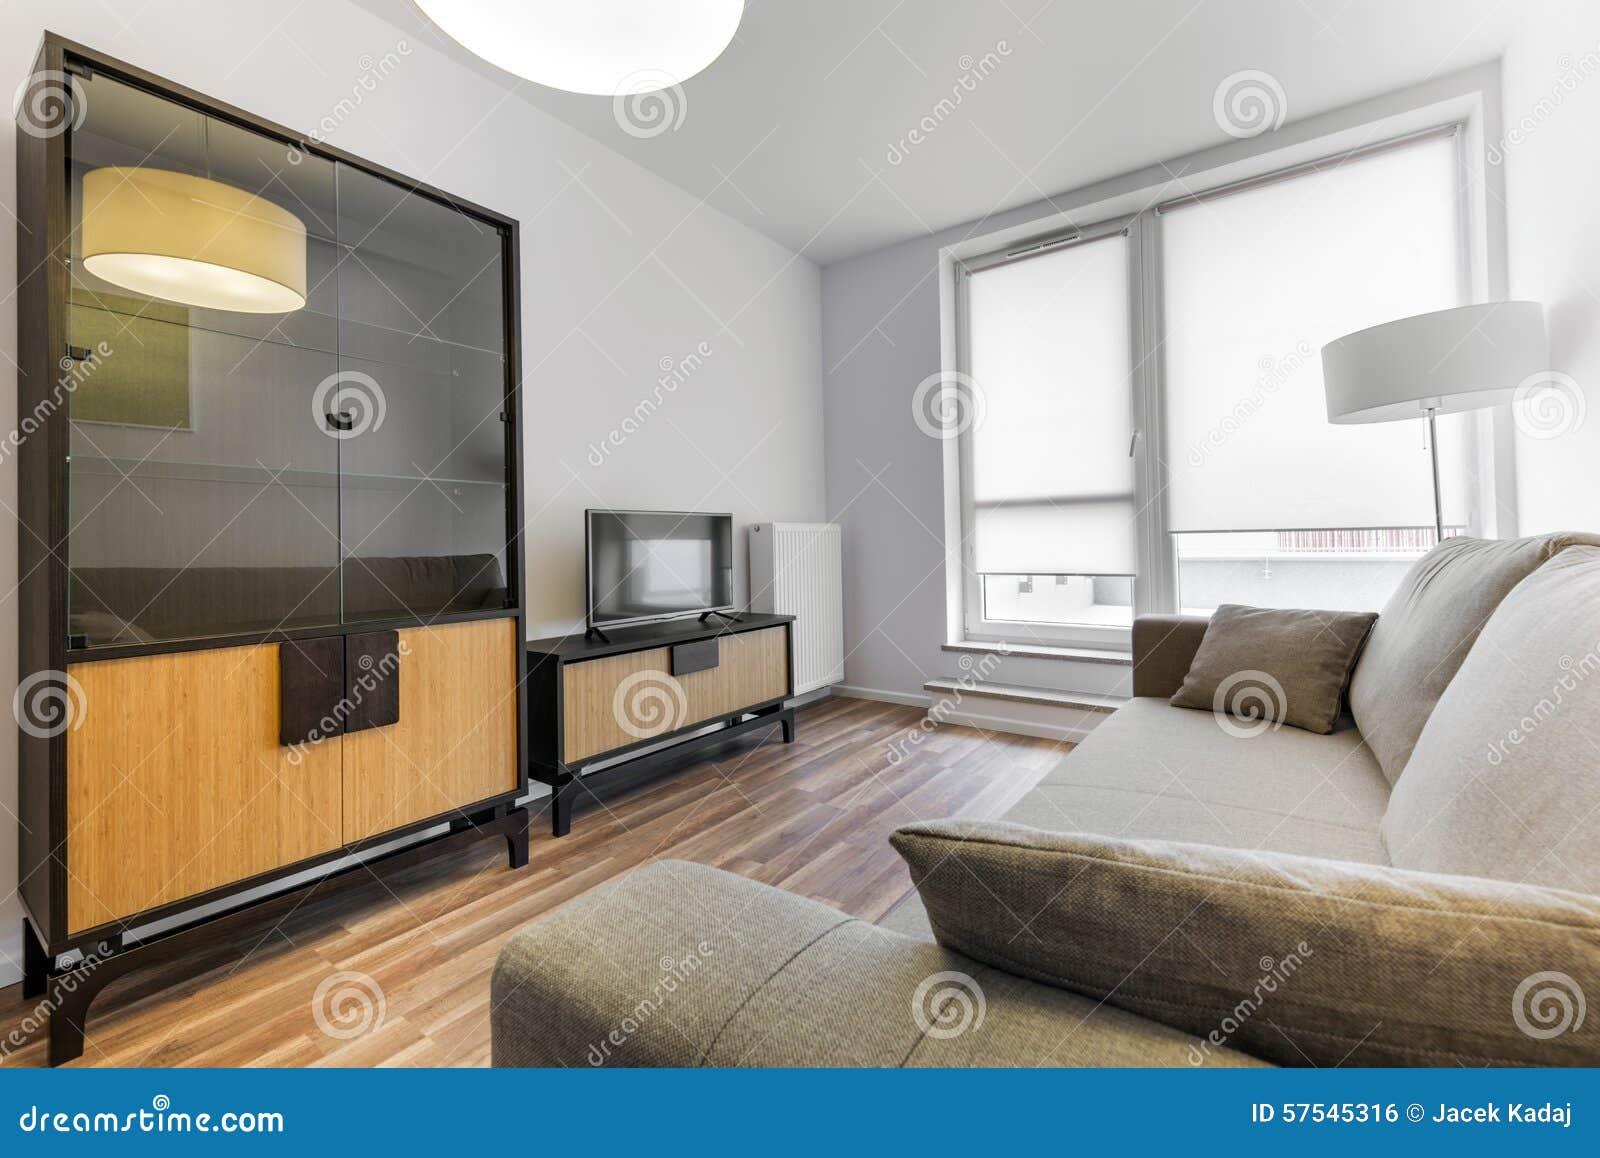 Moderne innenarchitektur wohnzimmer  Moderne Innenarchitektur: Wohnzimmer Stockfoto - Bild: 57545316